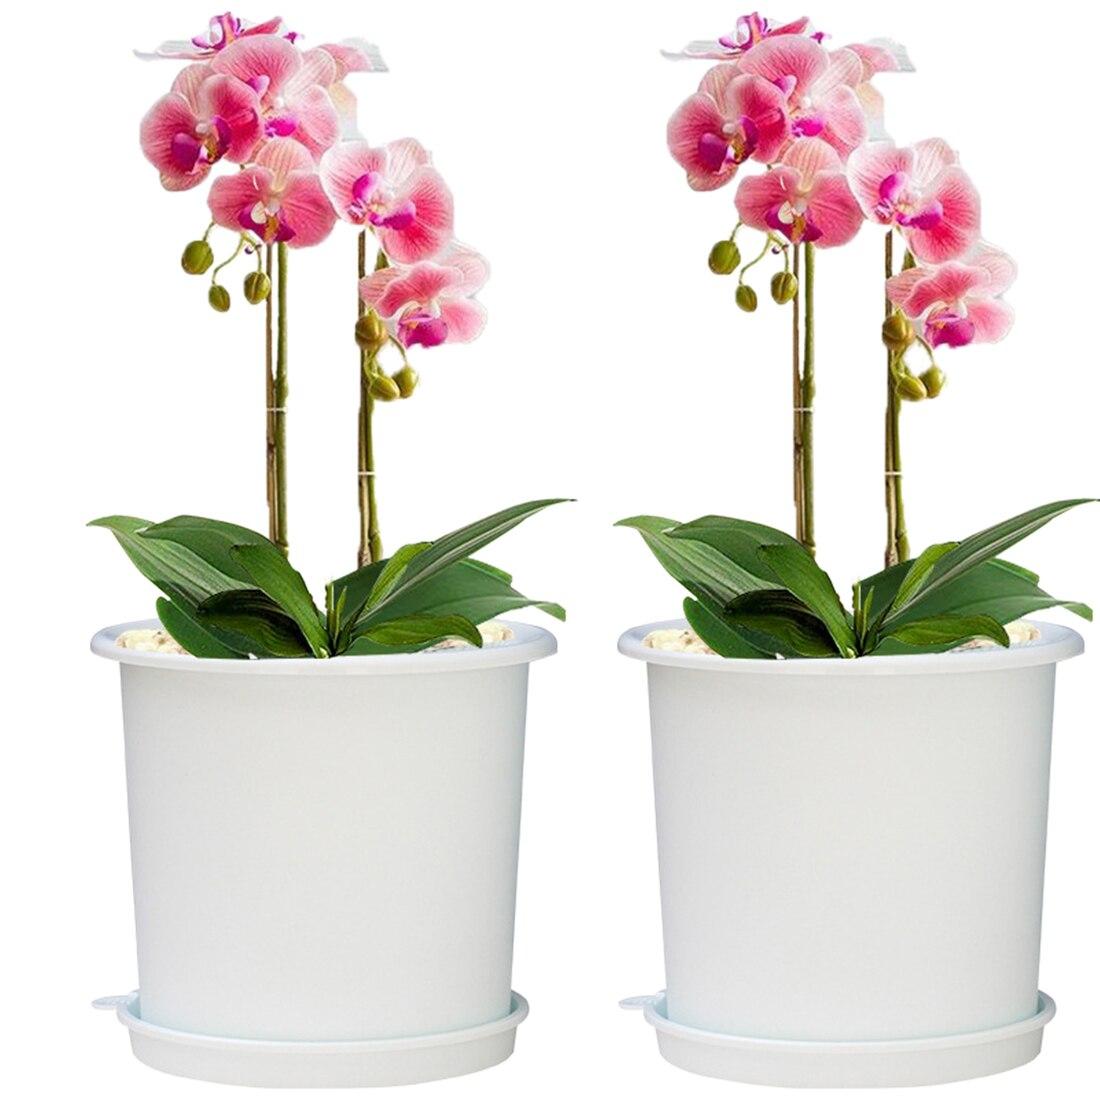 2pcs Mesh Pot Ventilation Flower Pot Root Controlling Container